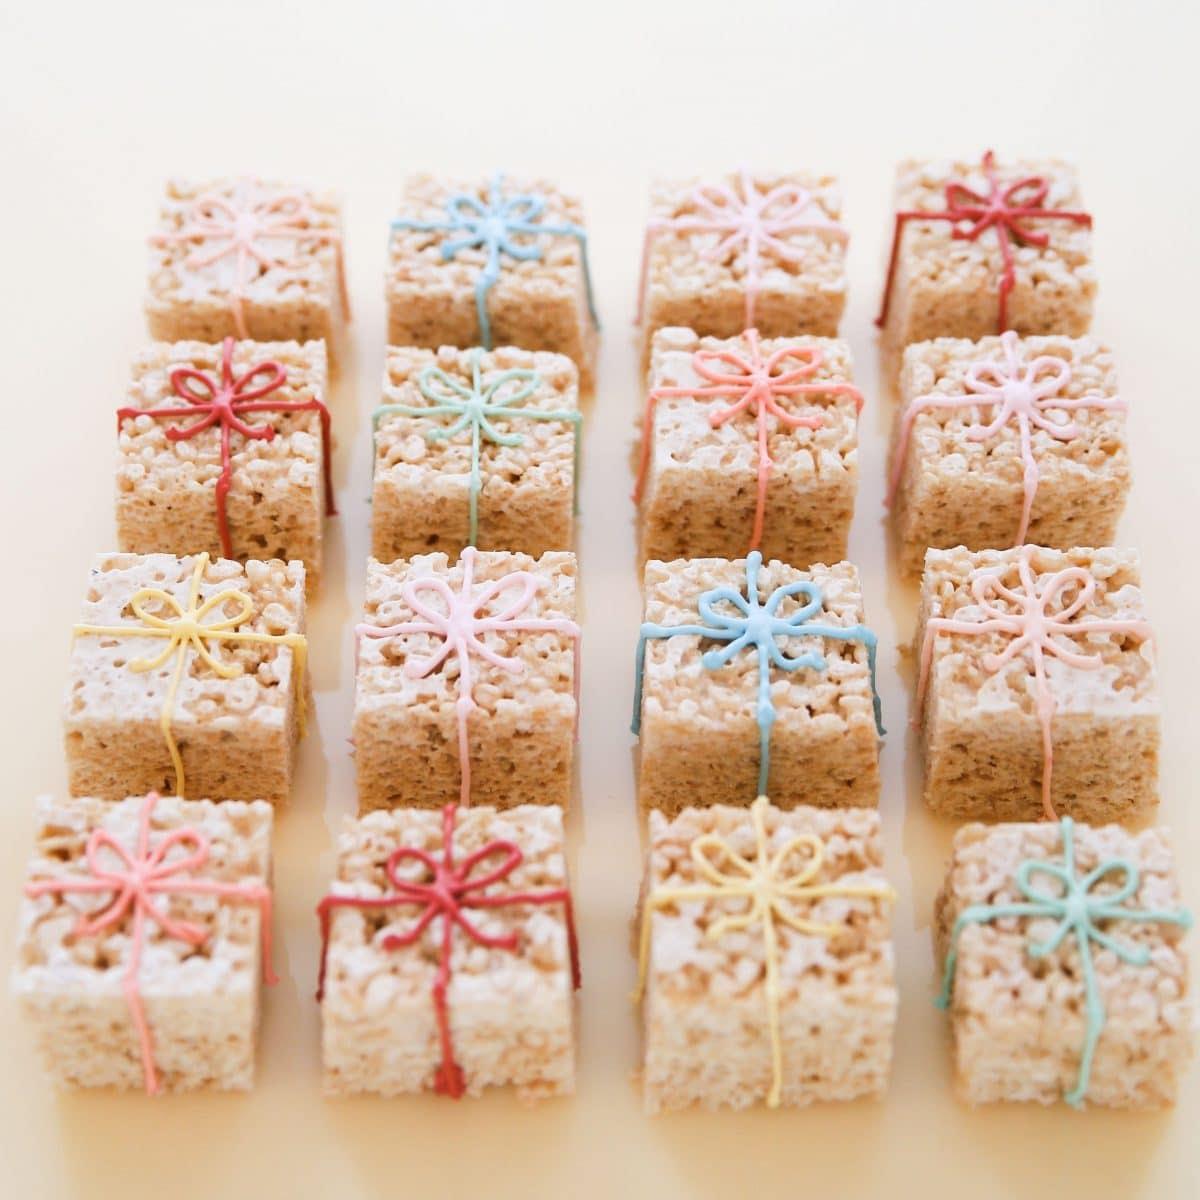 Rice Krispie Treat Boxes | Darcy Miller Designs